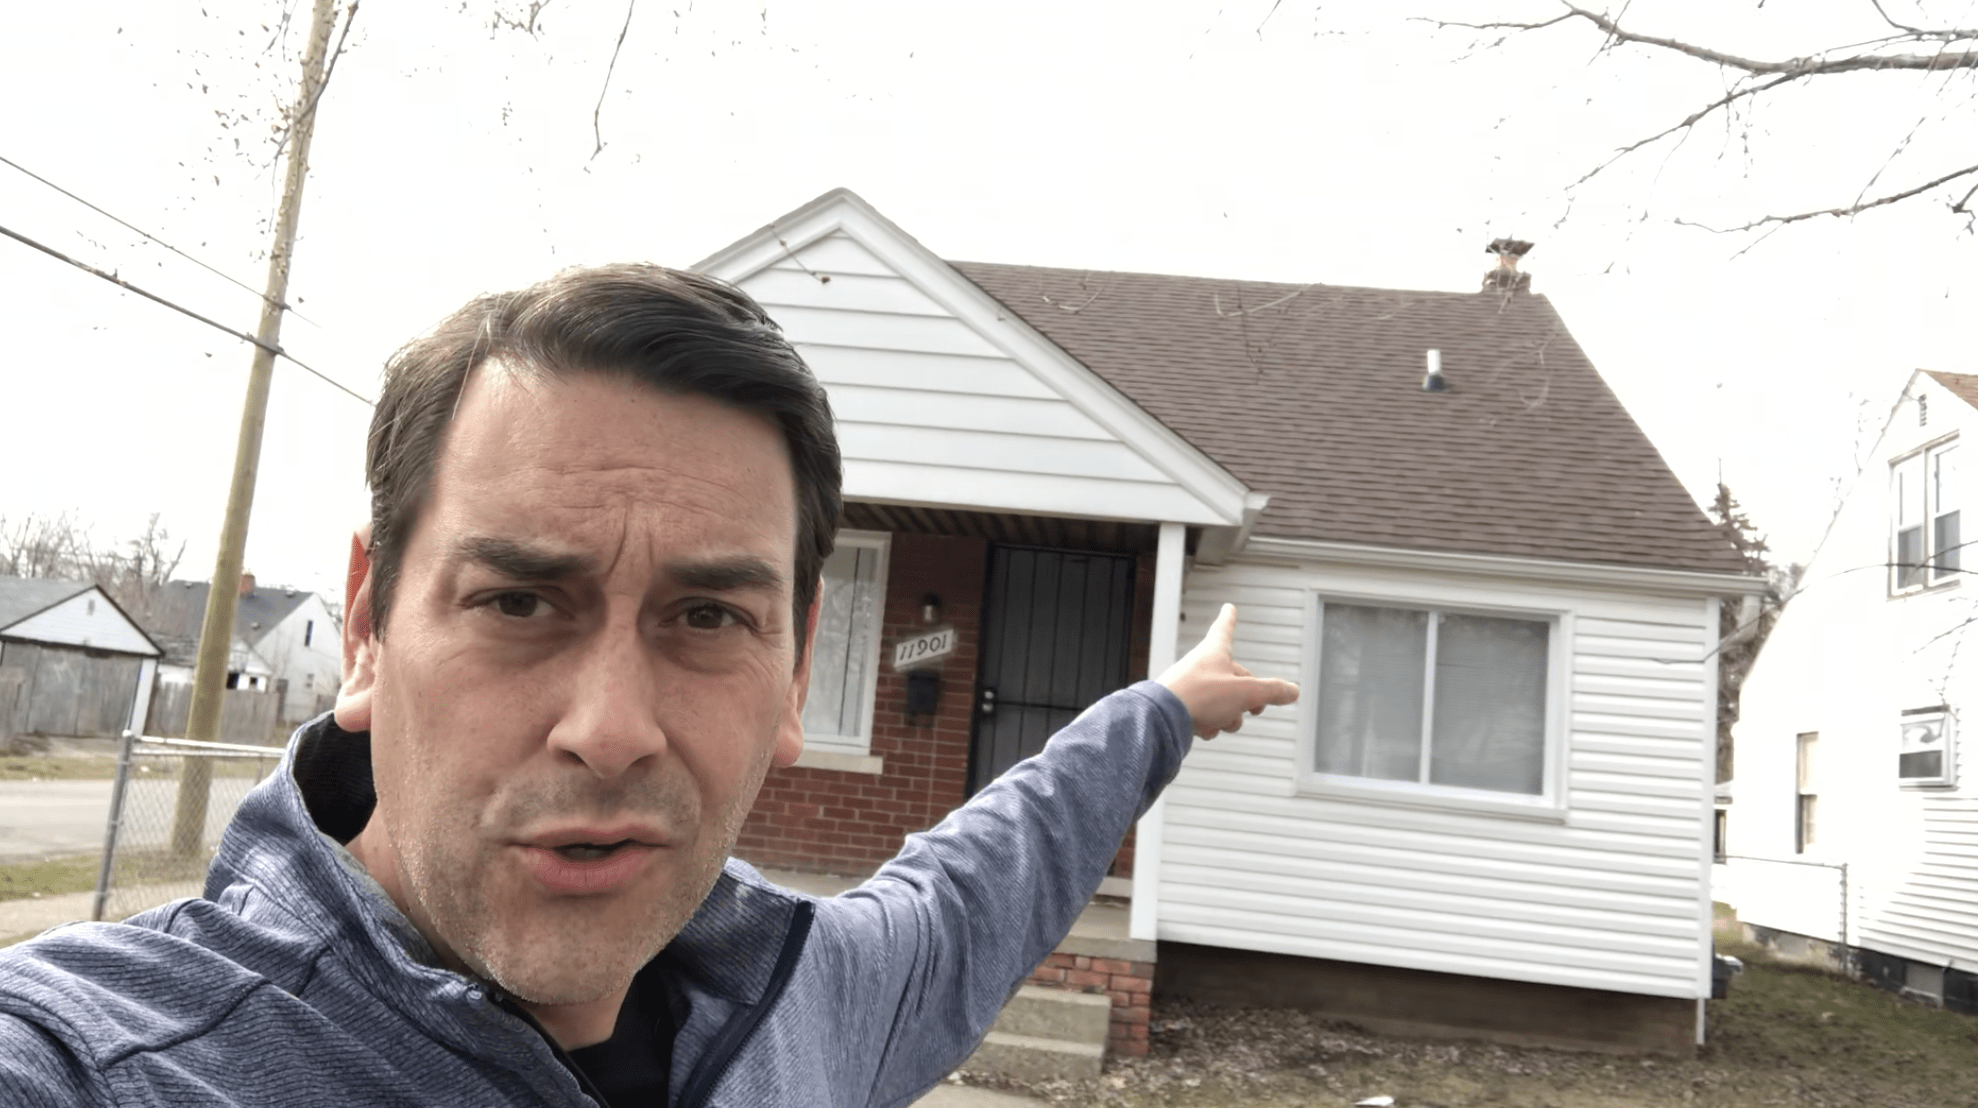 Clayton Morris pointing at rental property